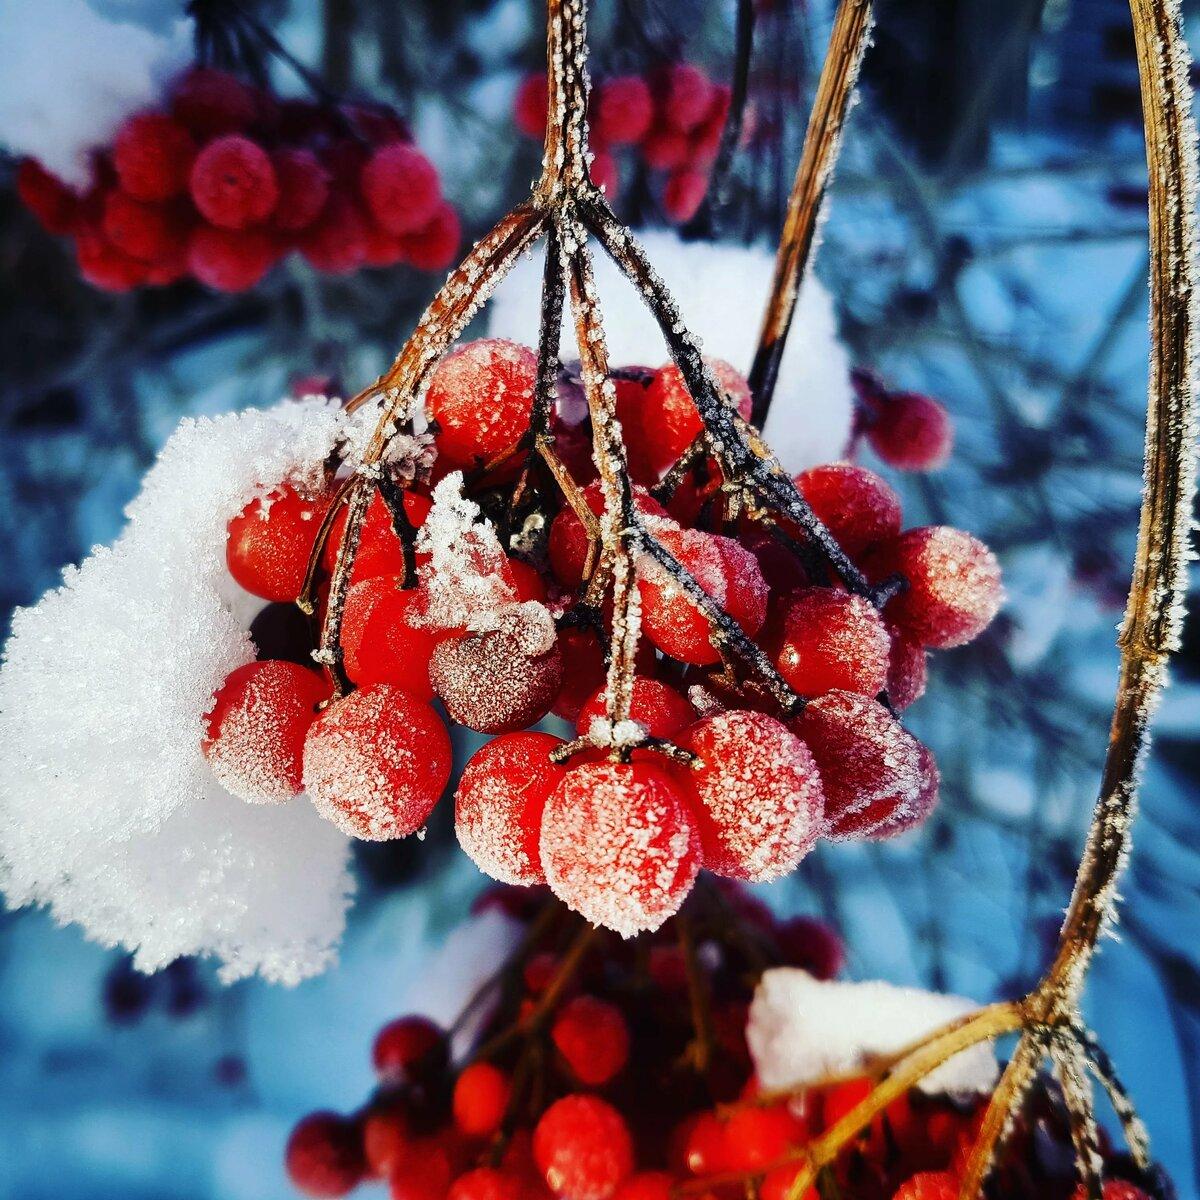 можно картинки зимние красивые на телефон с рябиной предоставляем возможность решить